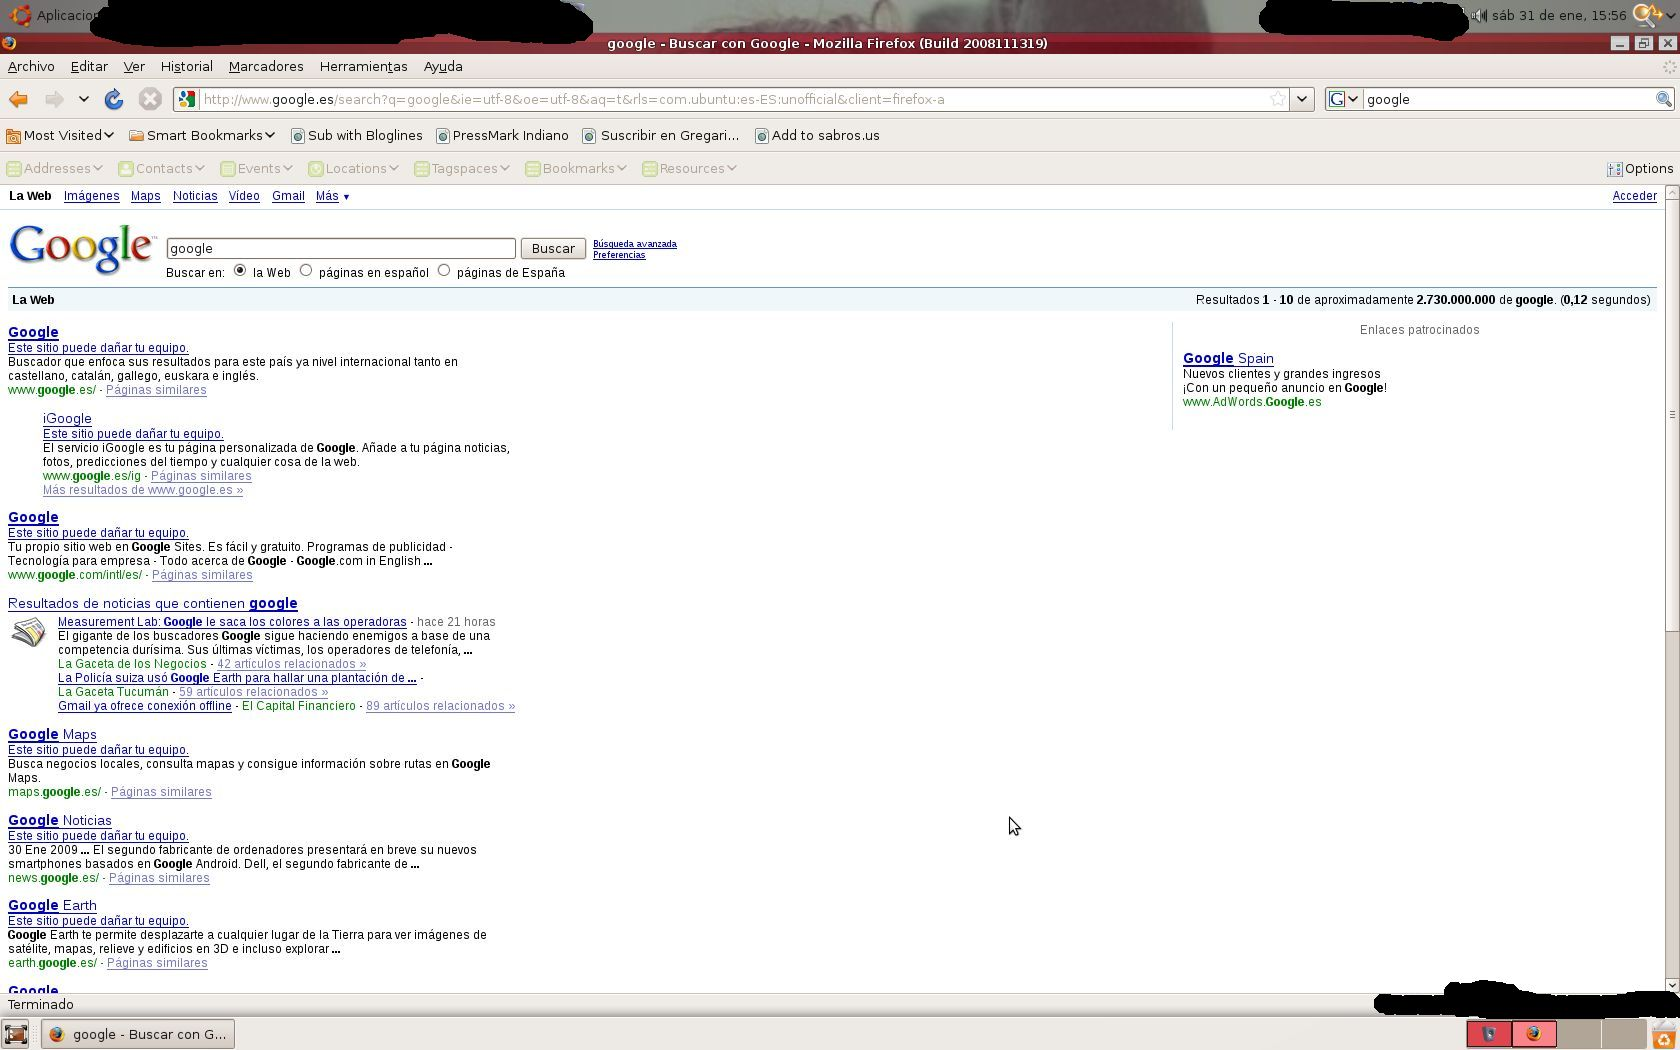 Google se pasa de precabido, ¿no?